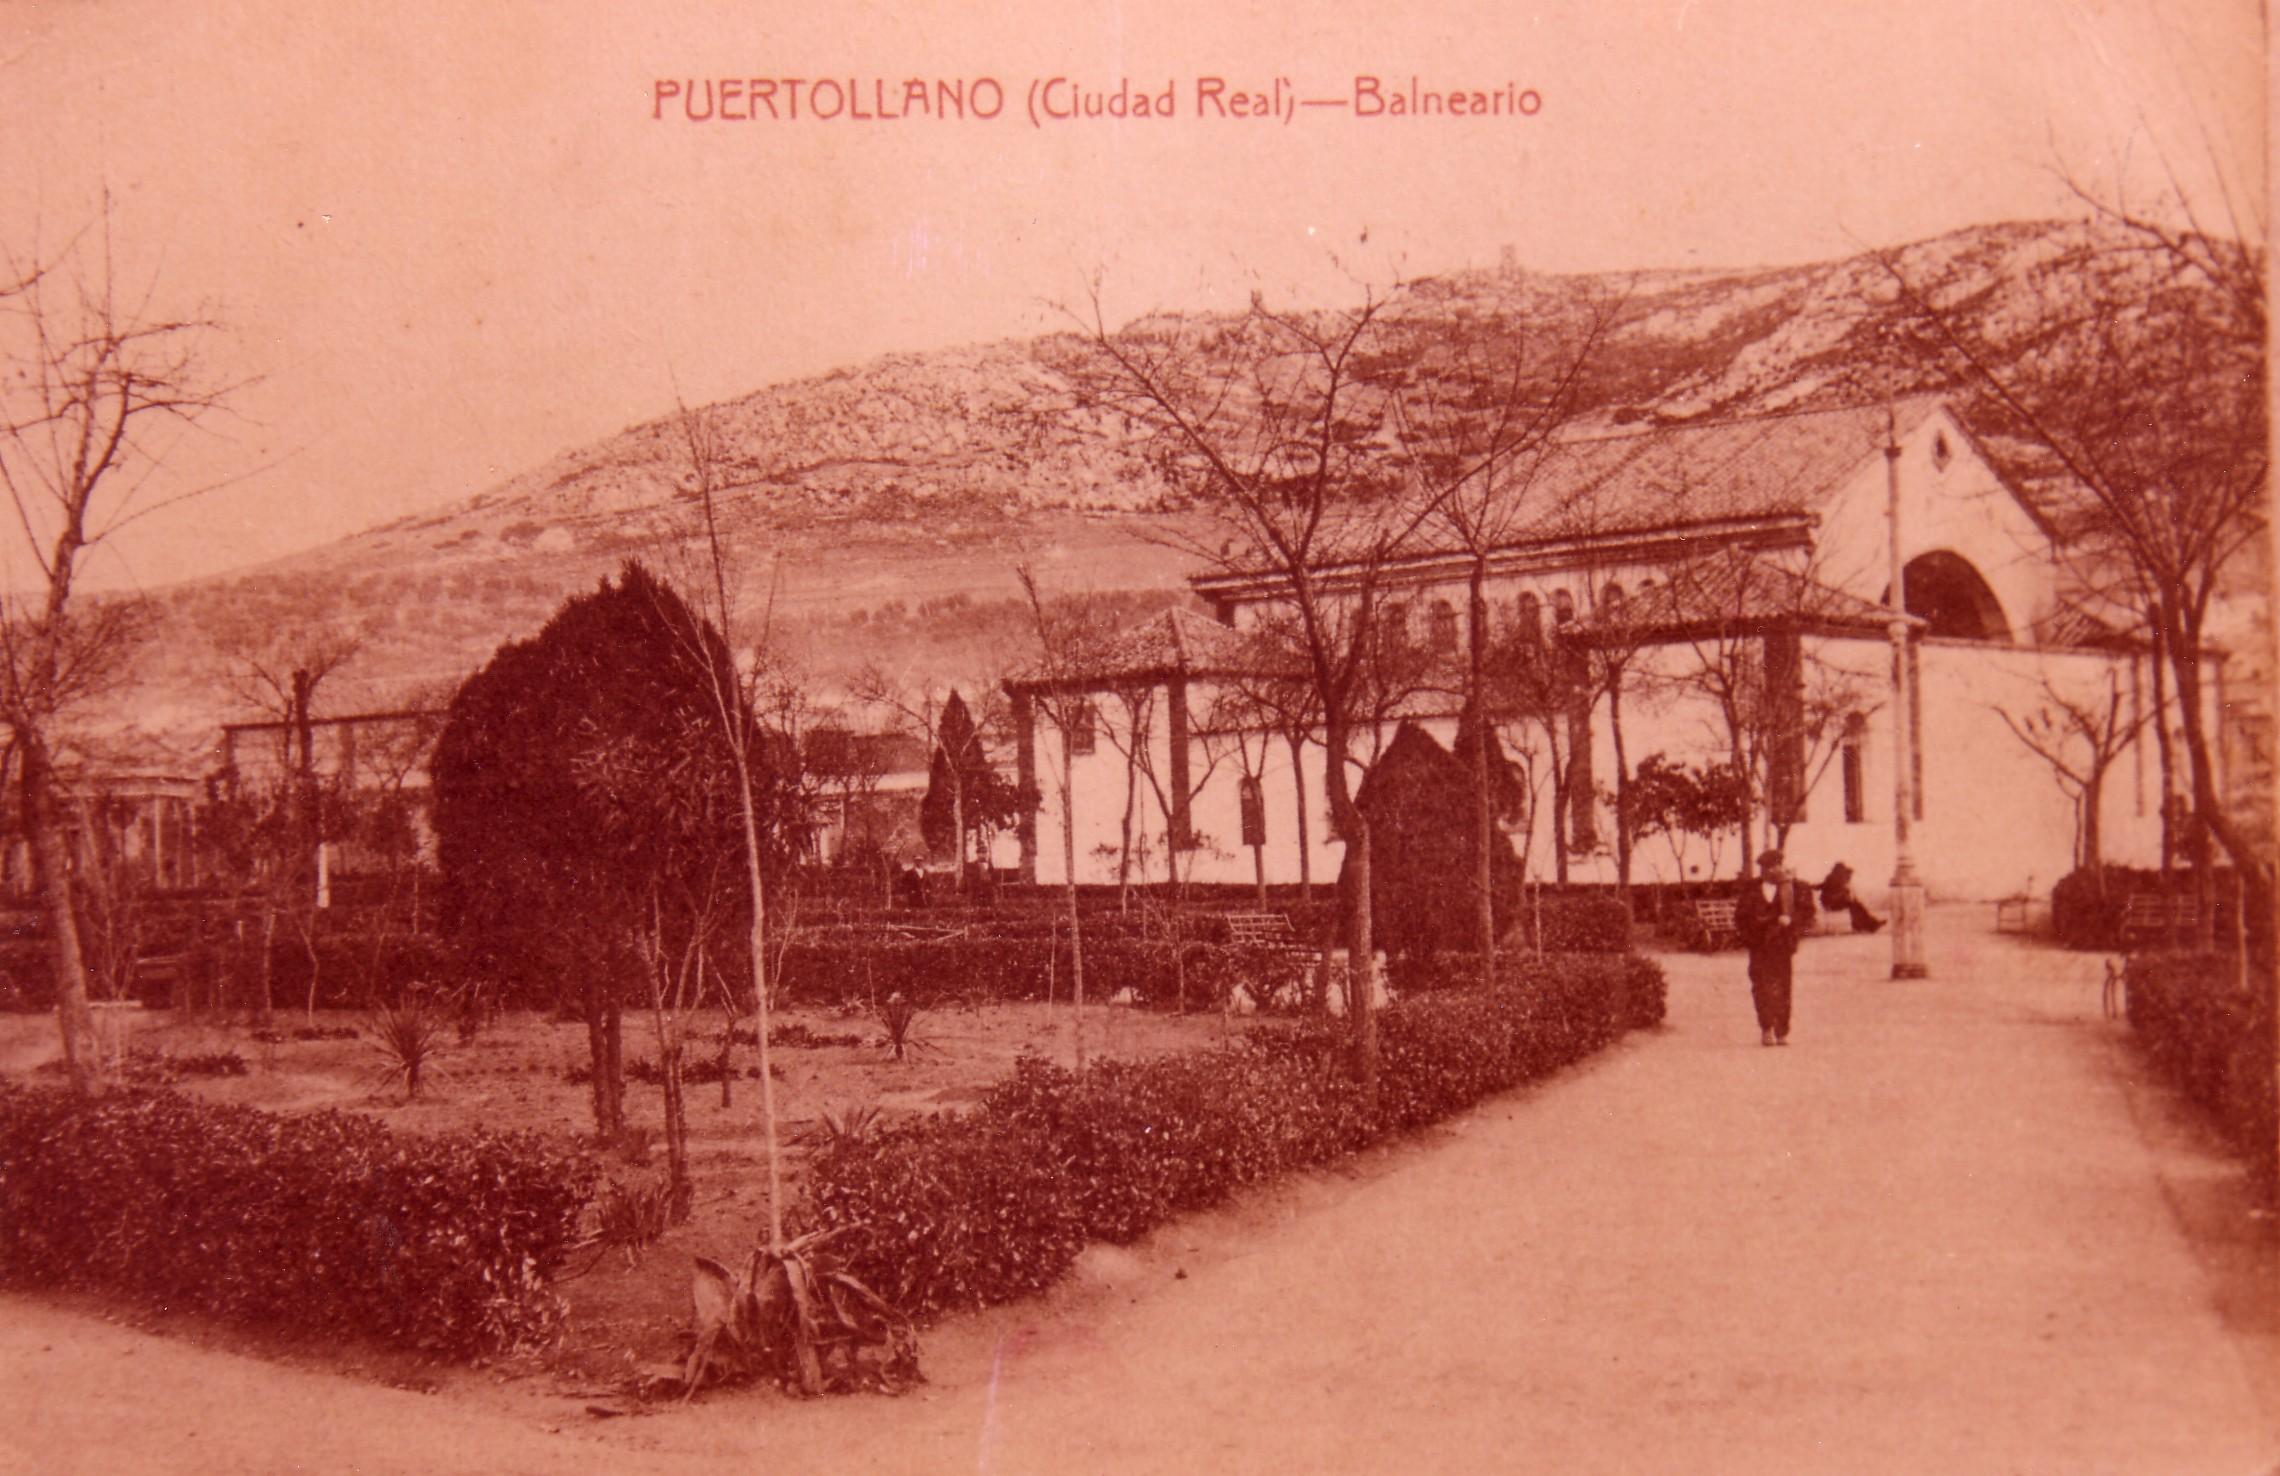 Casa de Baños 1900-1920. Fotografía Enrique Malagón